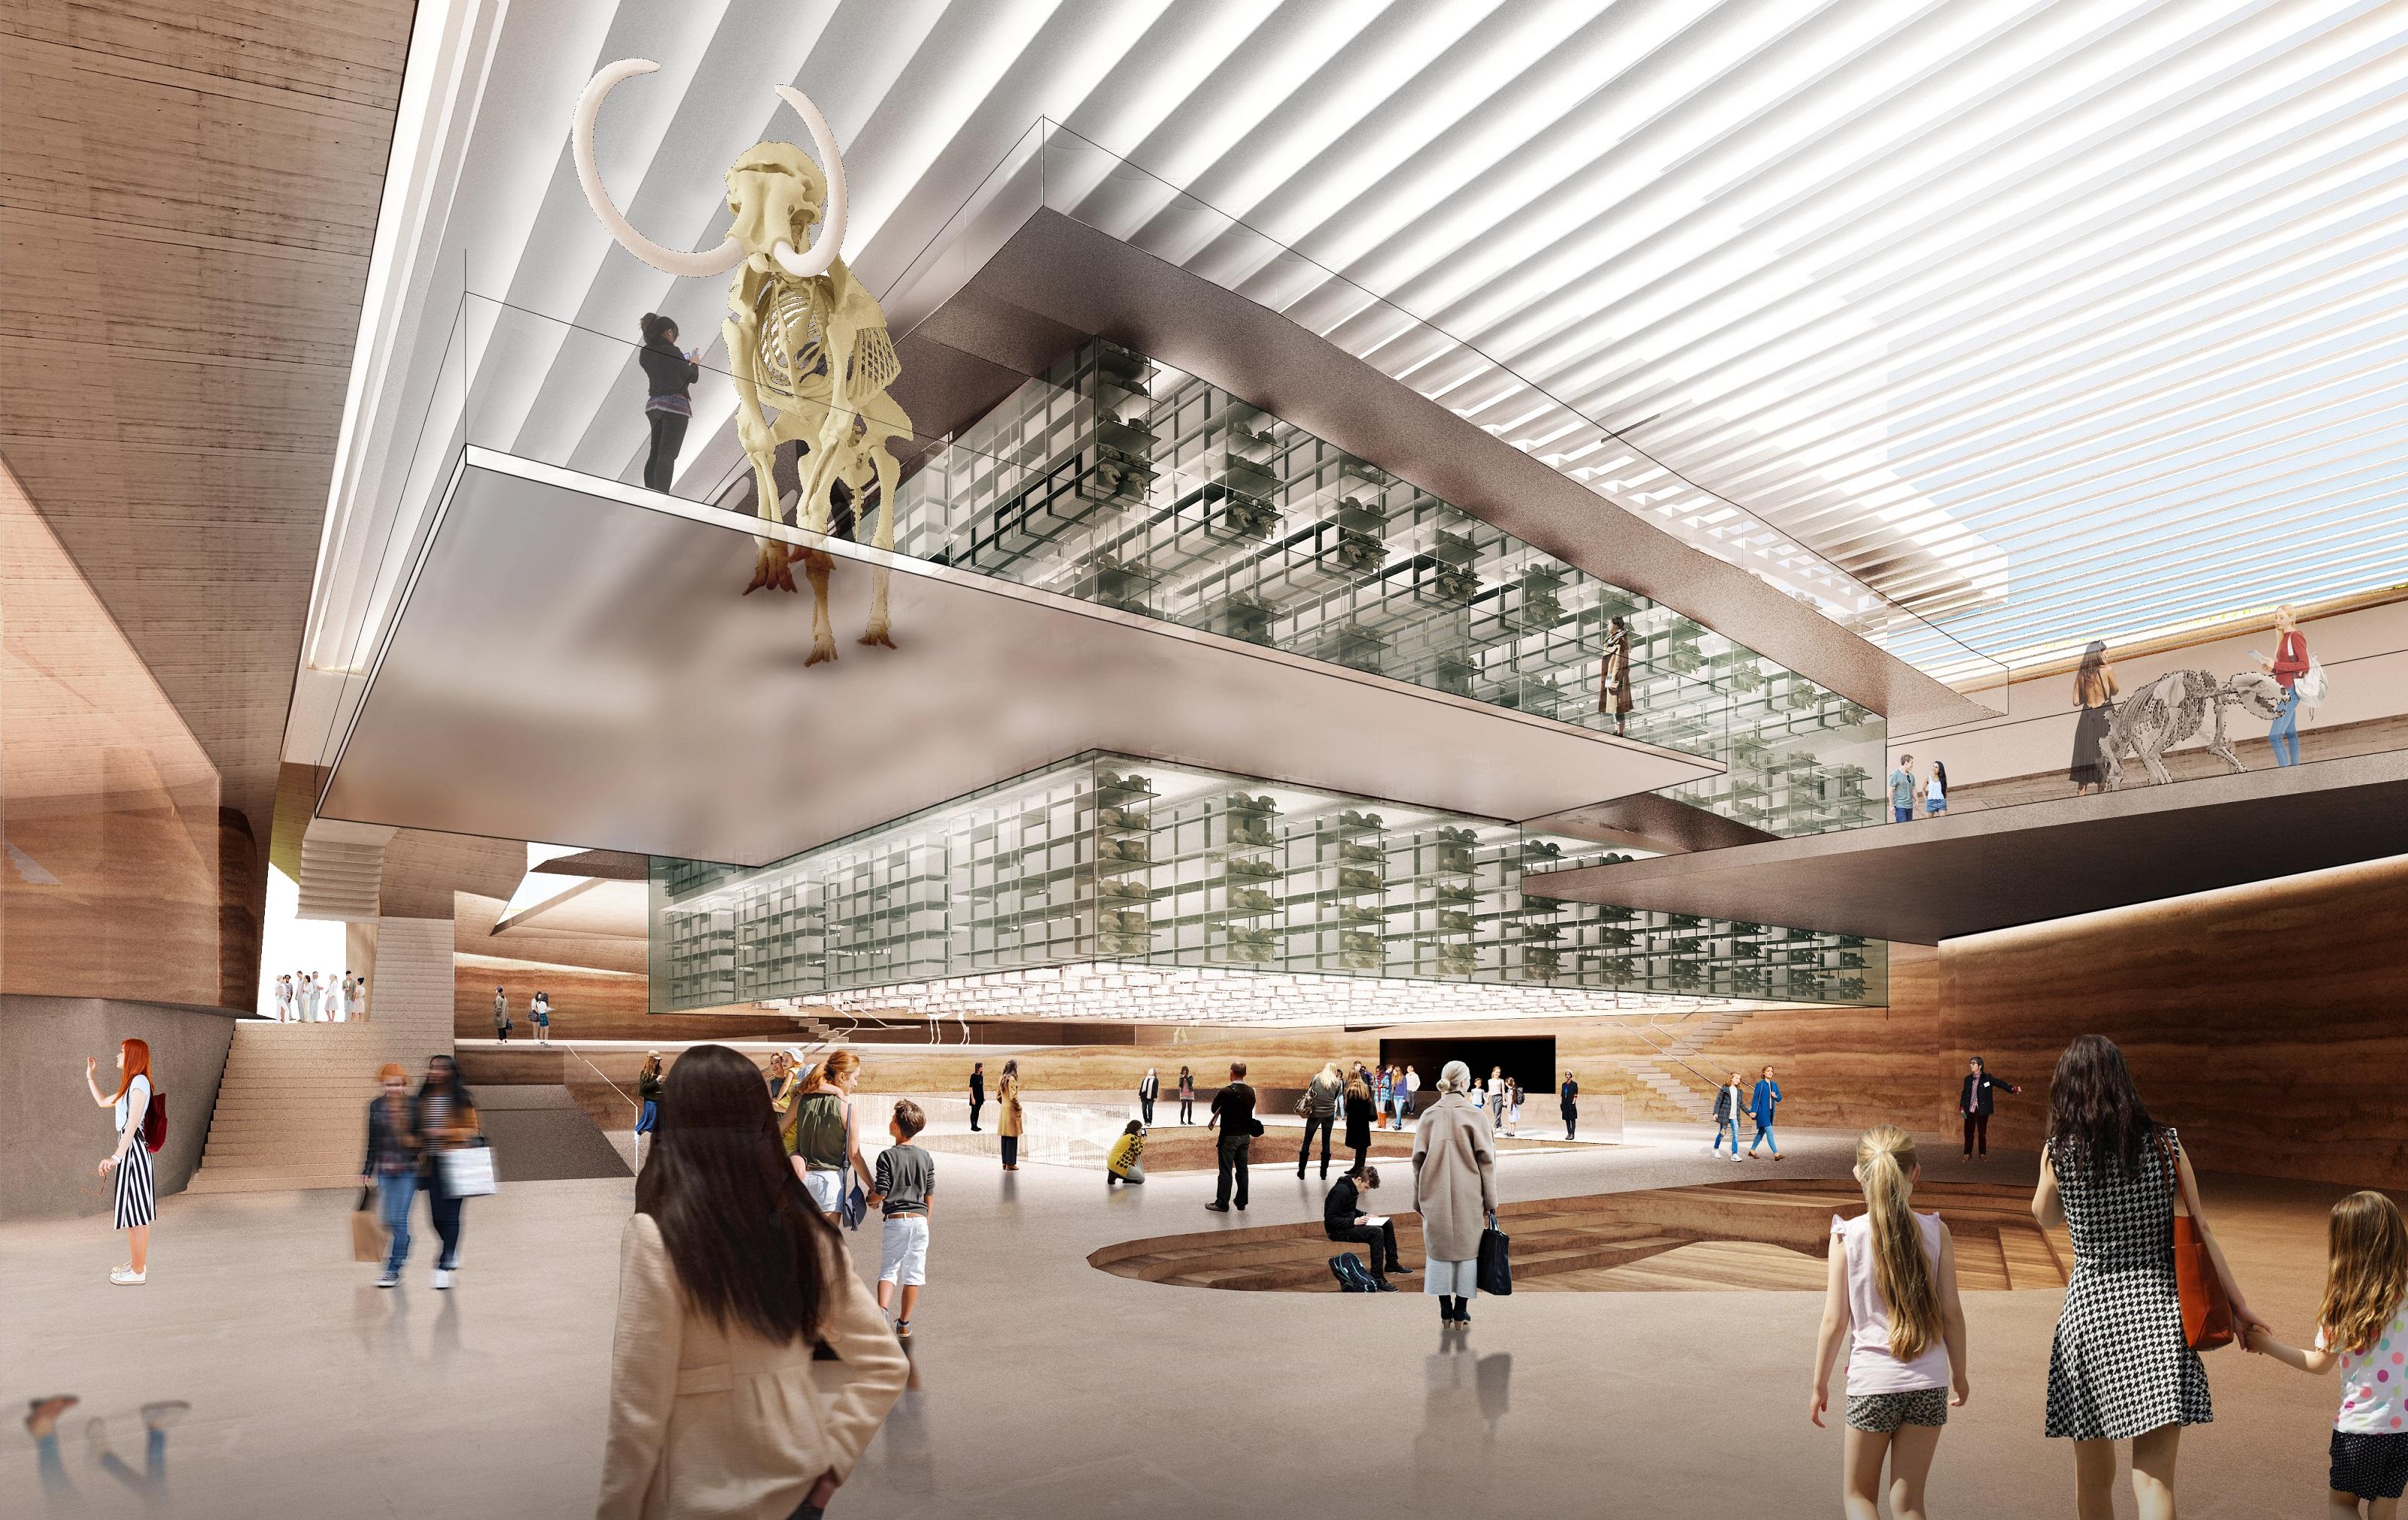 Three Design Firms Present a New Vision for L A 's La Brea